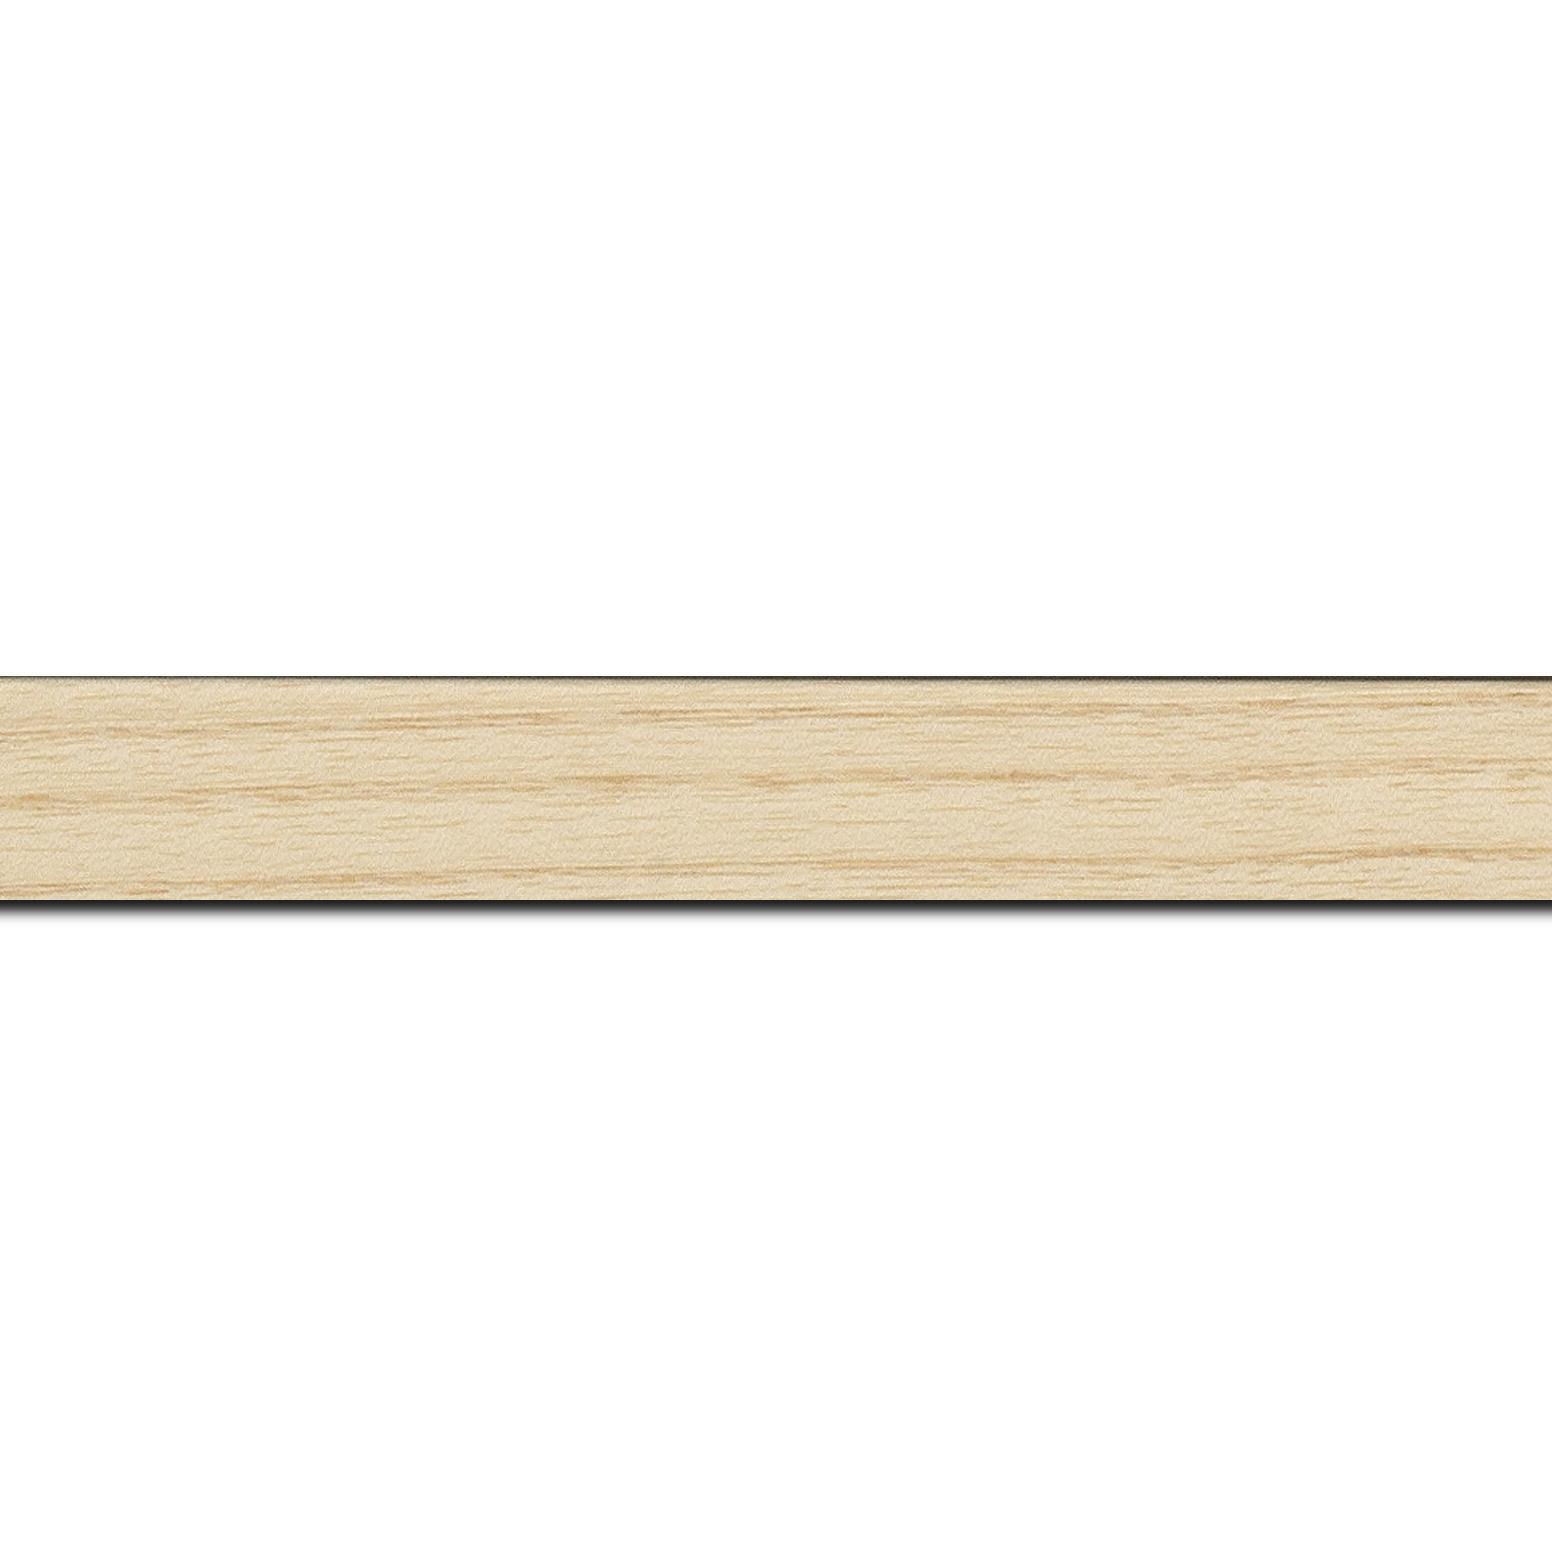 Pack par 12m, bois profil plat largeur 2.5cm plaquage haut de gamme frêne naturel(longueur baguette pouvant varier entre 2.40m et 3m selon arrivage des bois)